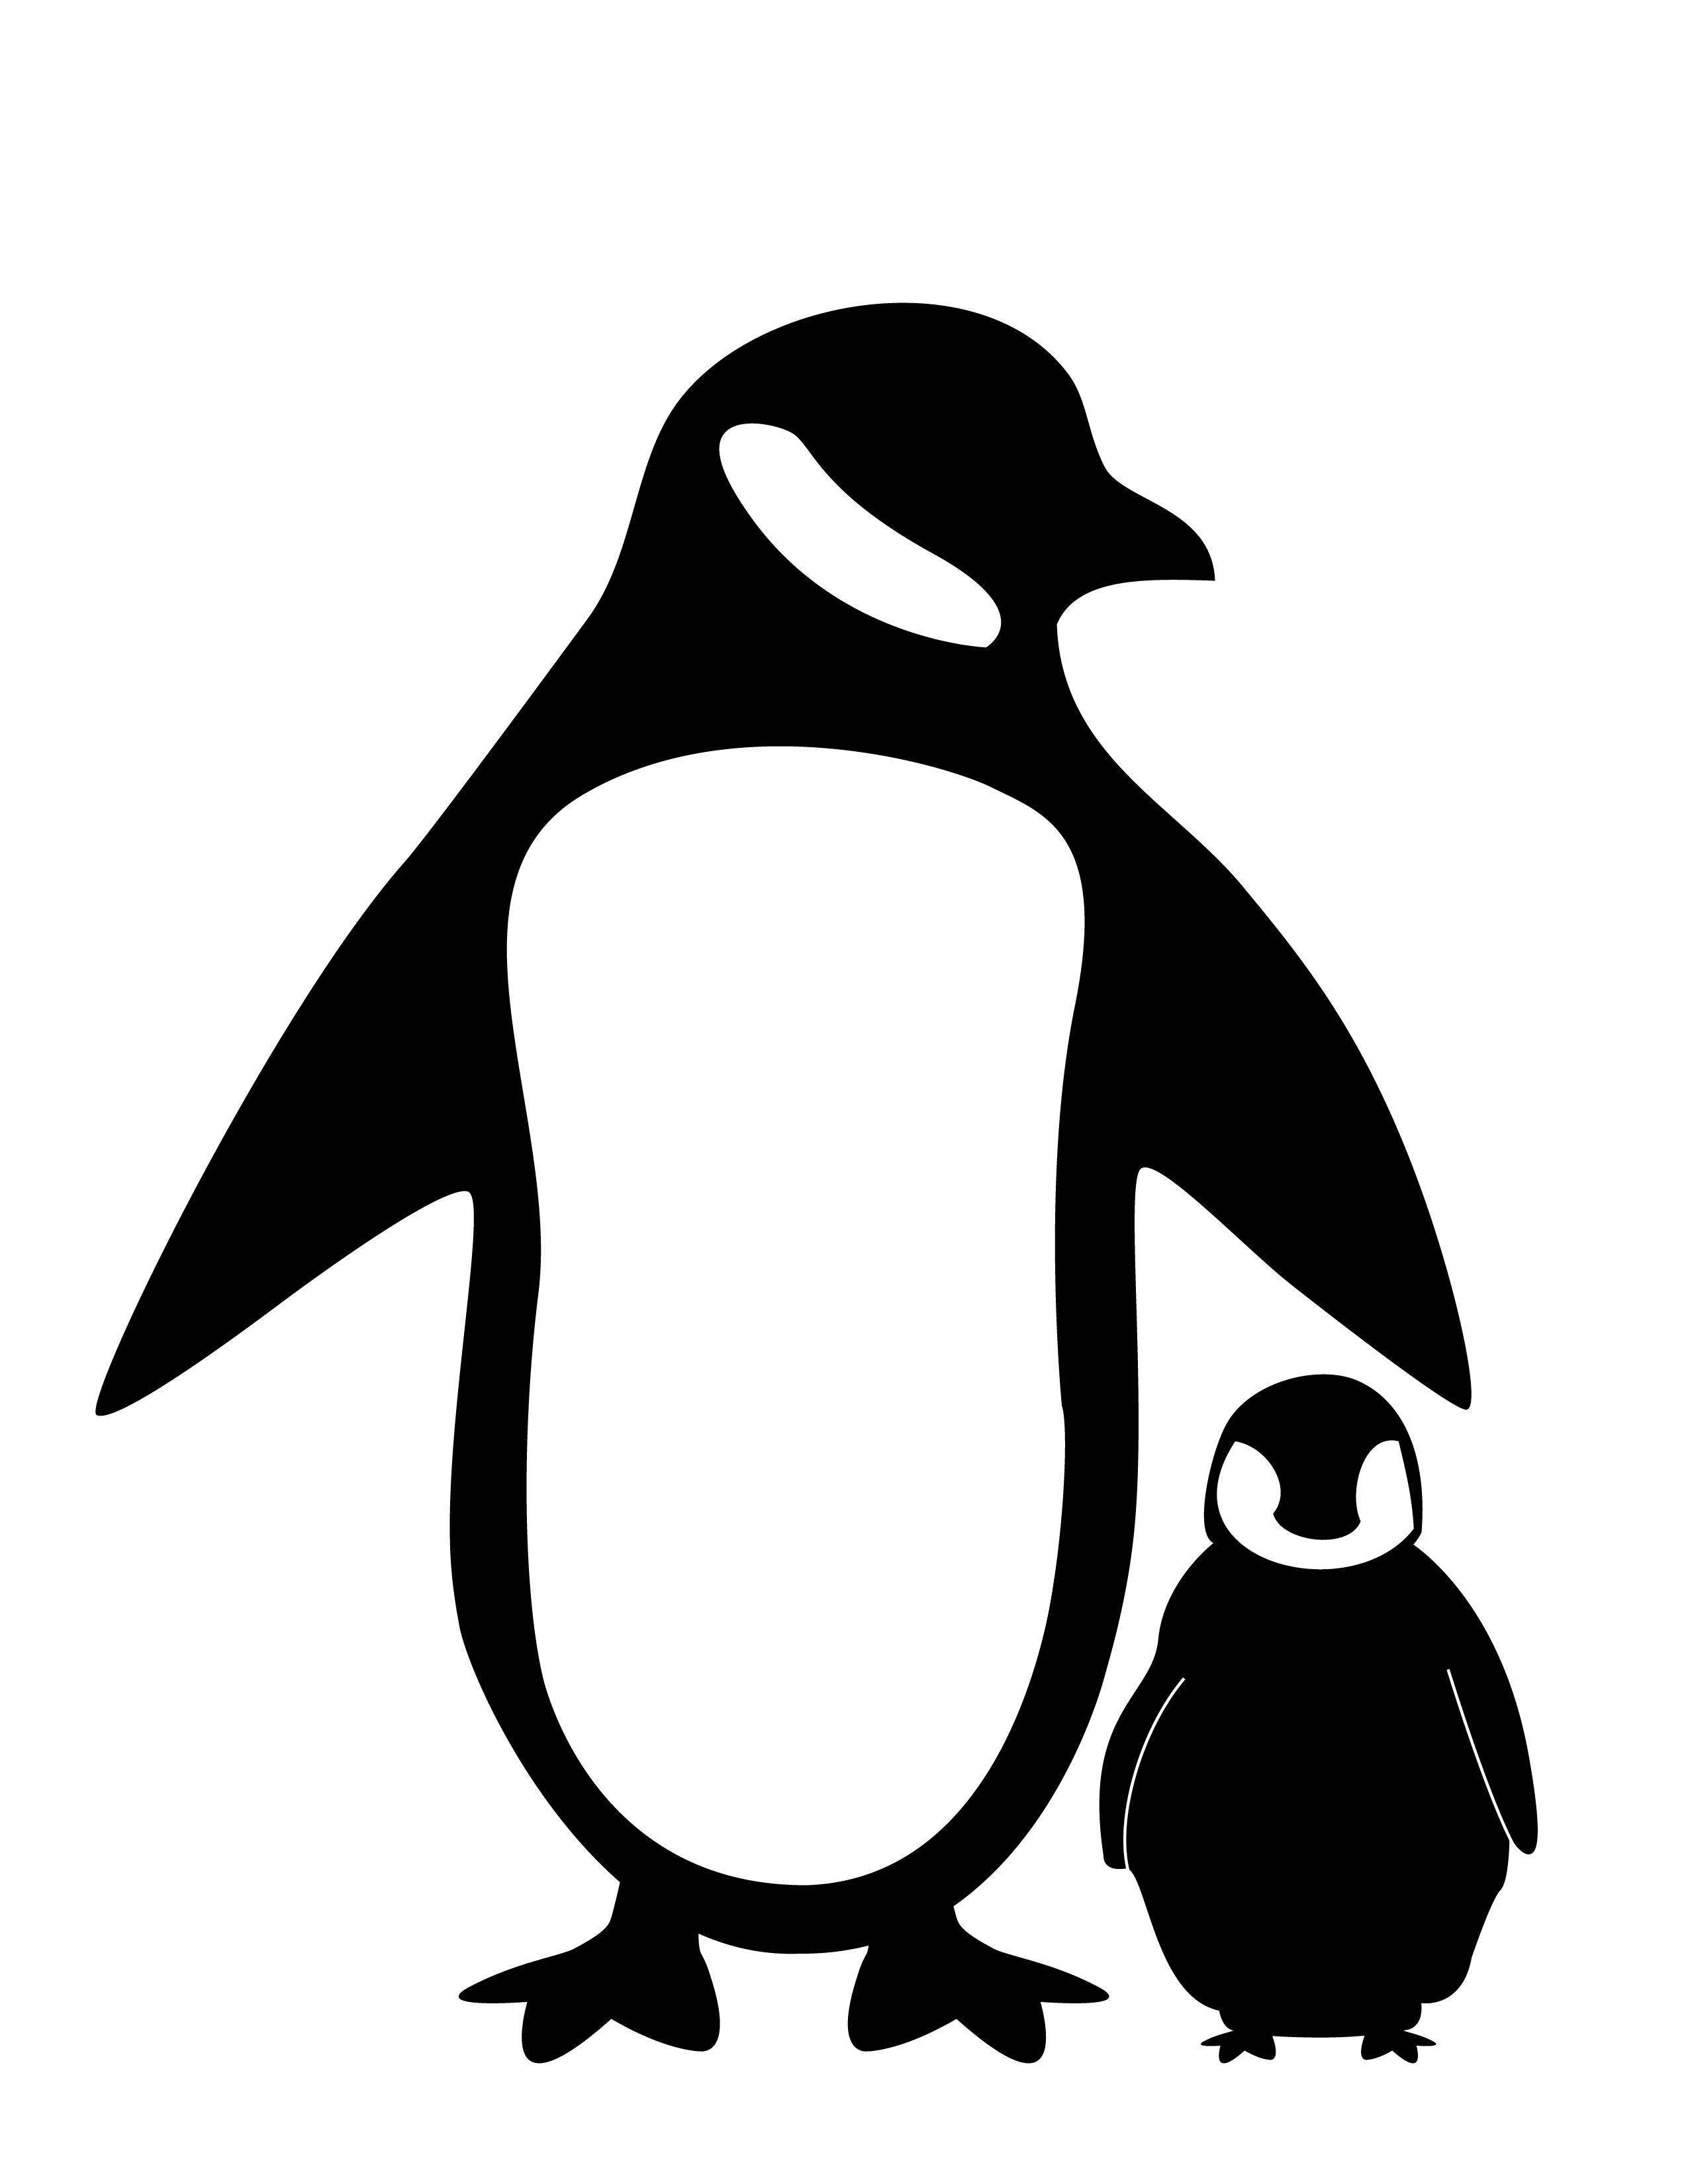 Penguin silhouette clipart jpg free download Penguin Silhouette Fc09 deviantart net black white penguin ... jpg free download